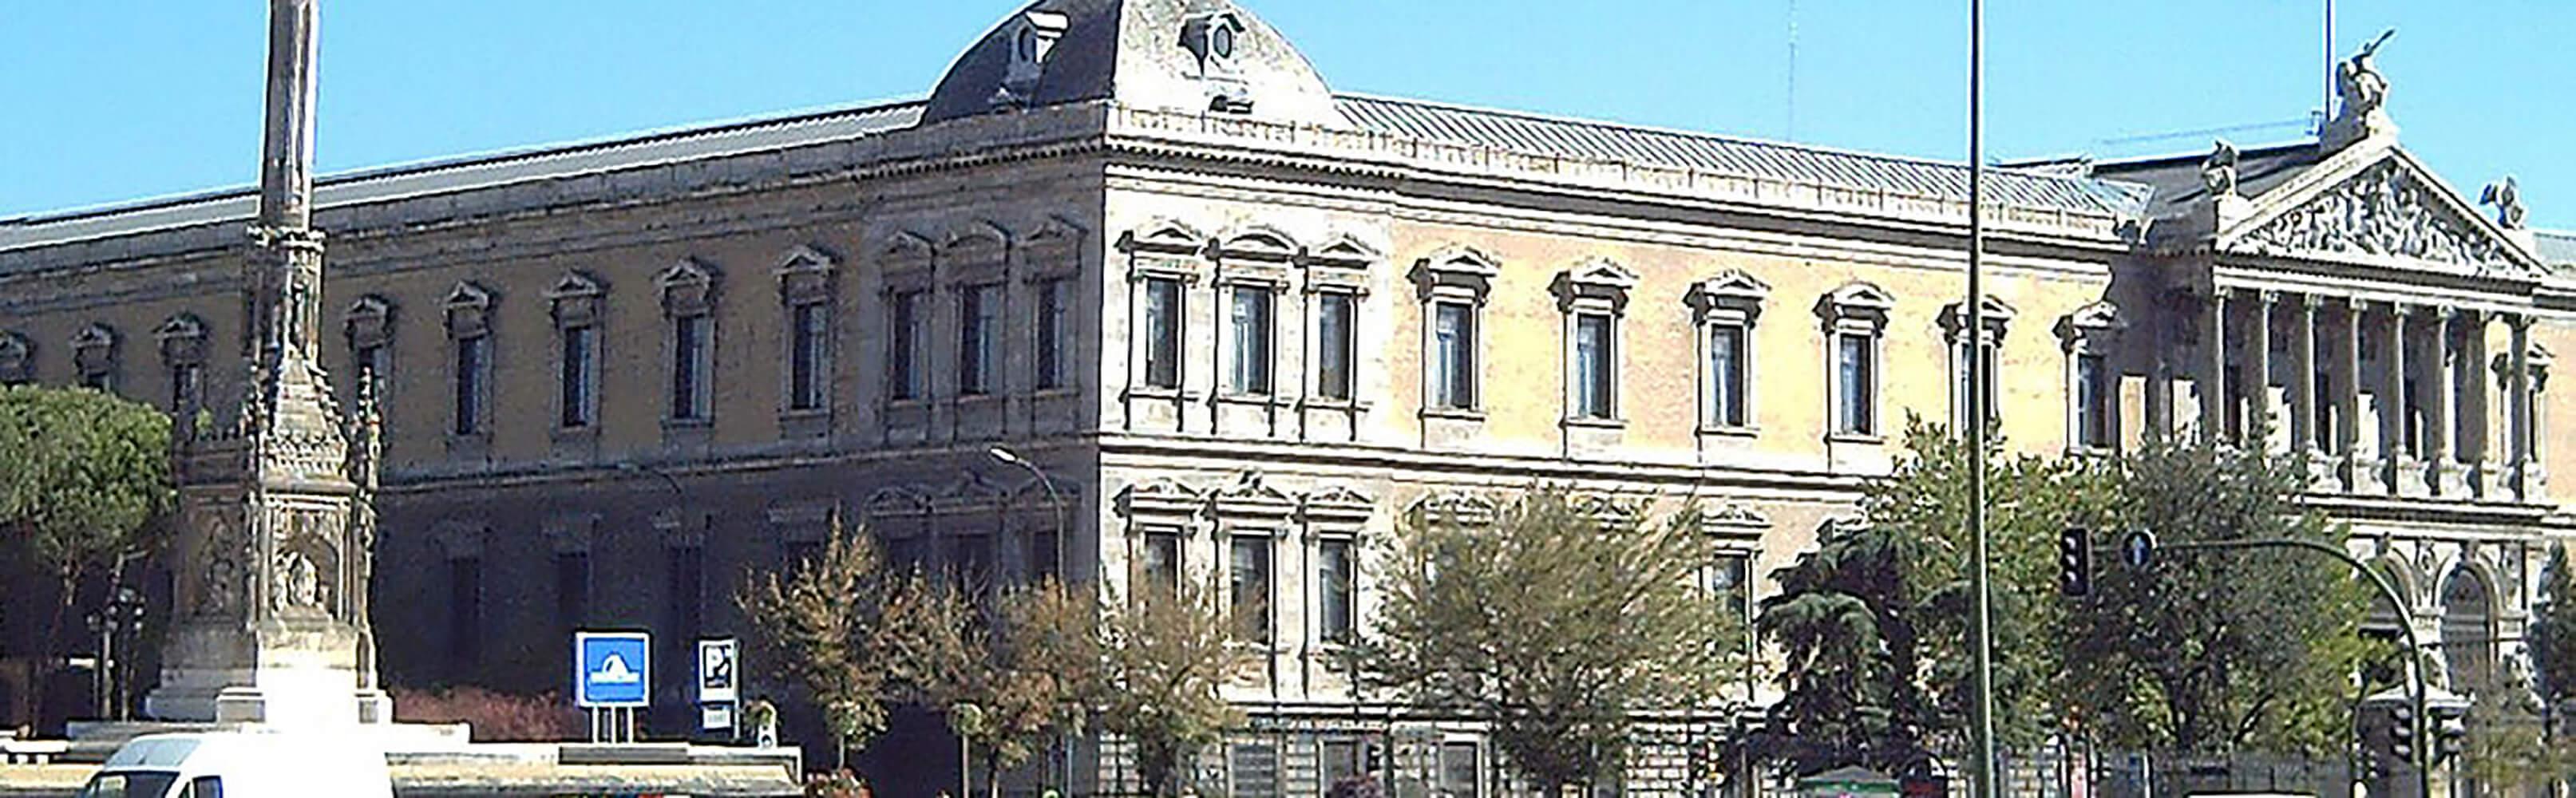 Plaza de Colón (Madrid) 1